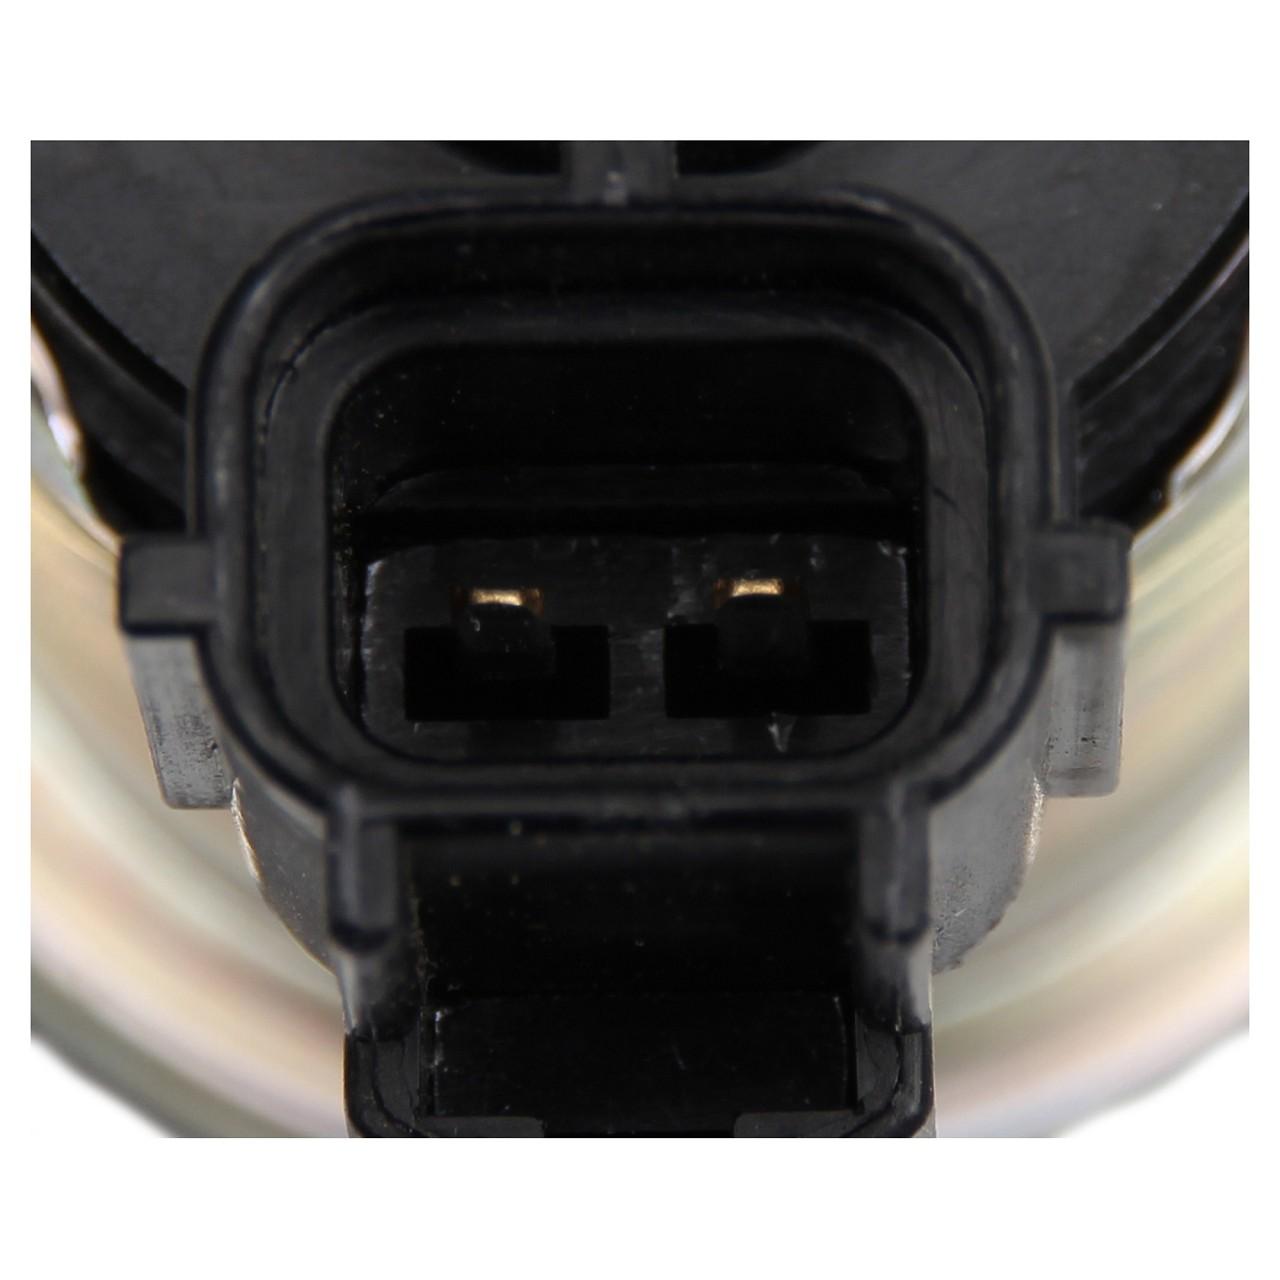 ORIGINAL Ford Leerlaufventil Leerlaufregler MONDEO III MK3 3.0 V6 ST220 4383663